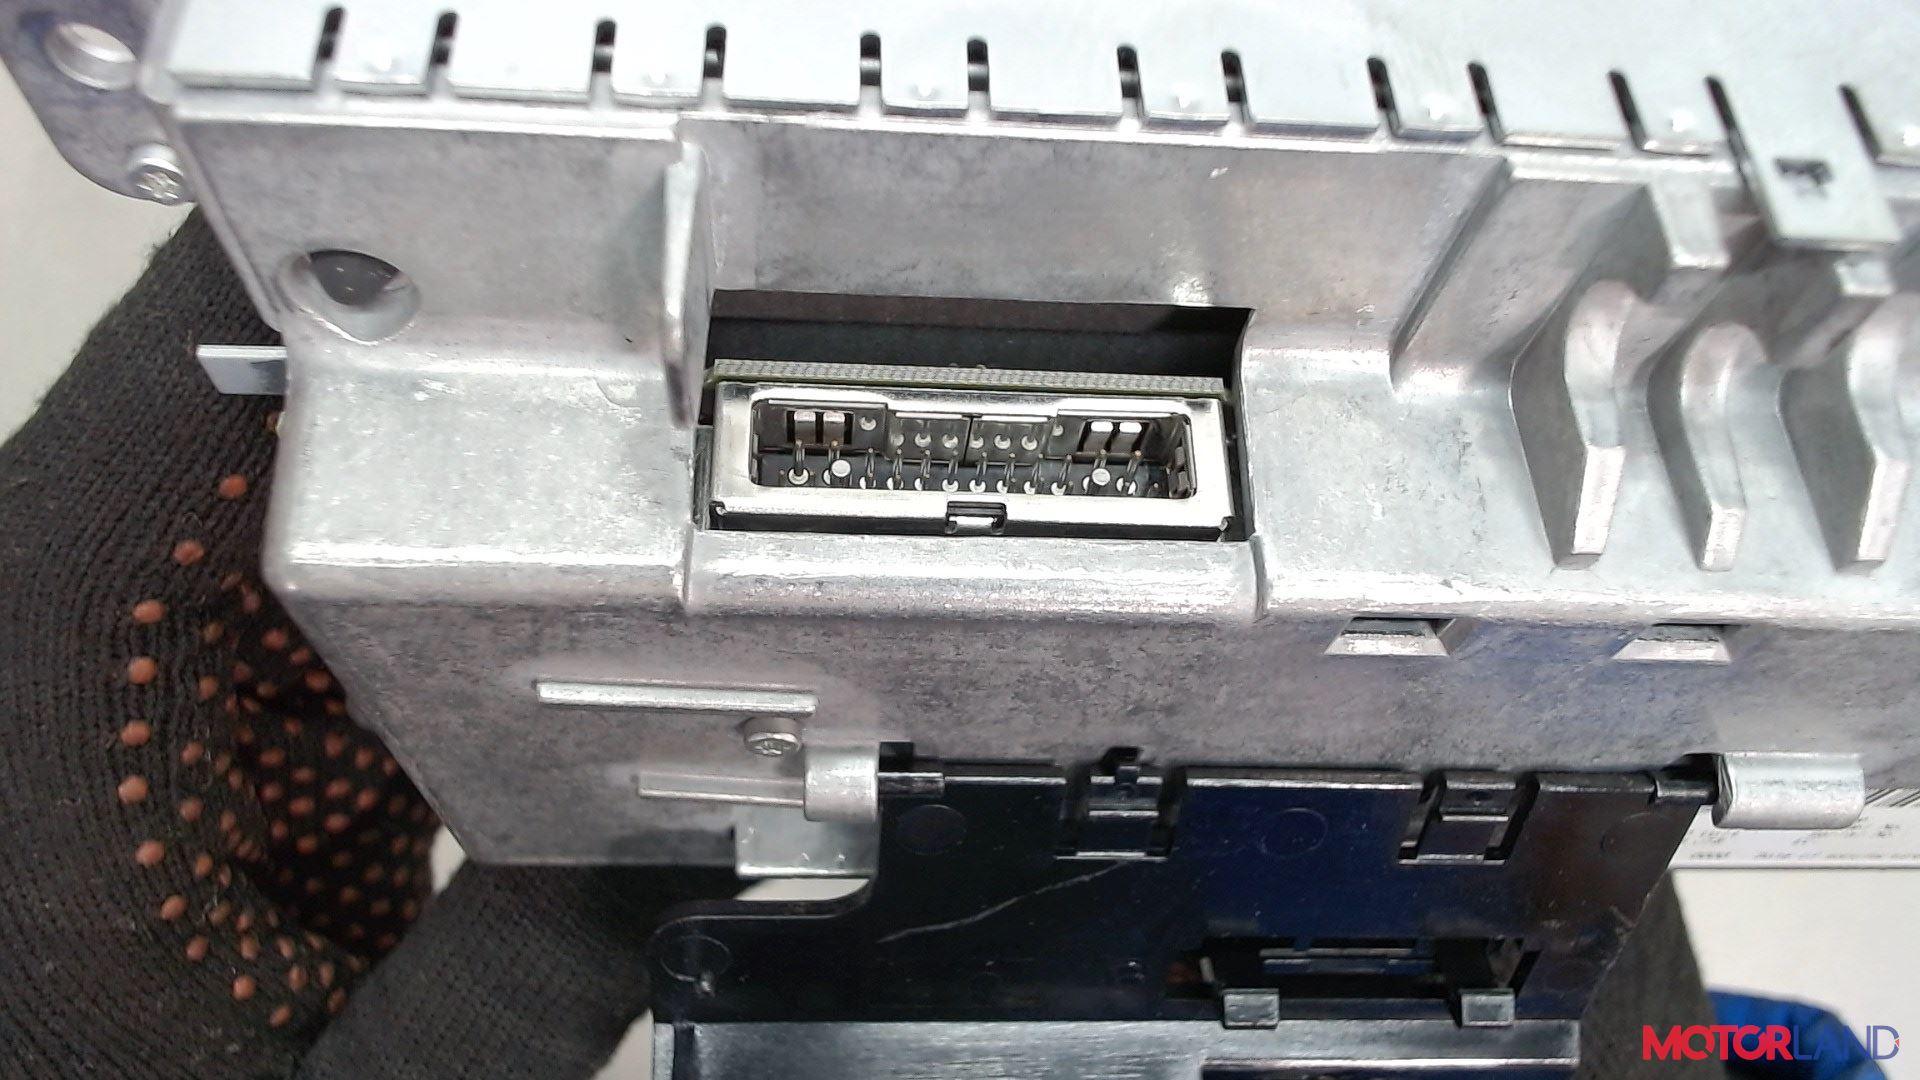 Дисплей компьютера (информационный) Audi A6 (C6) 2005-2011 2.7 л. 2008 BPP б/у #4